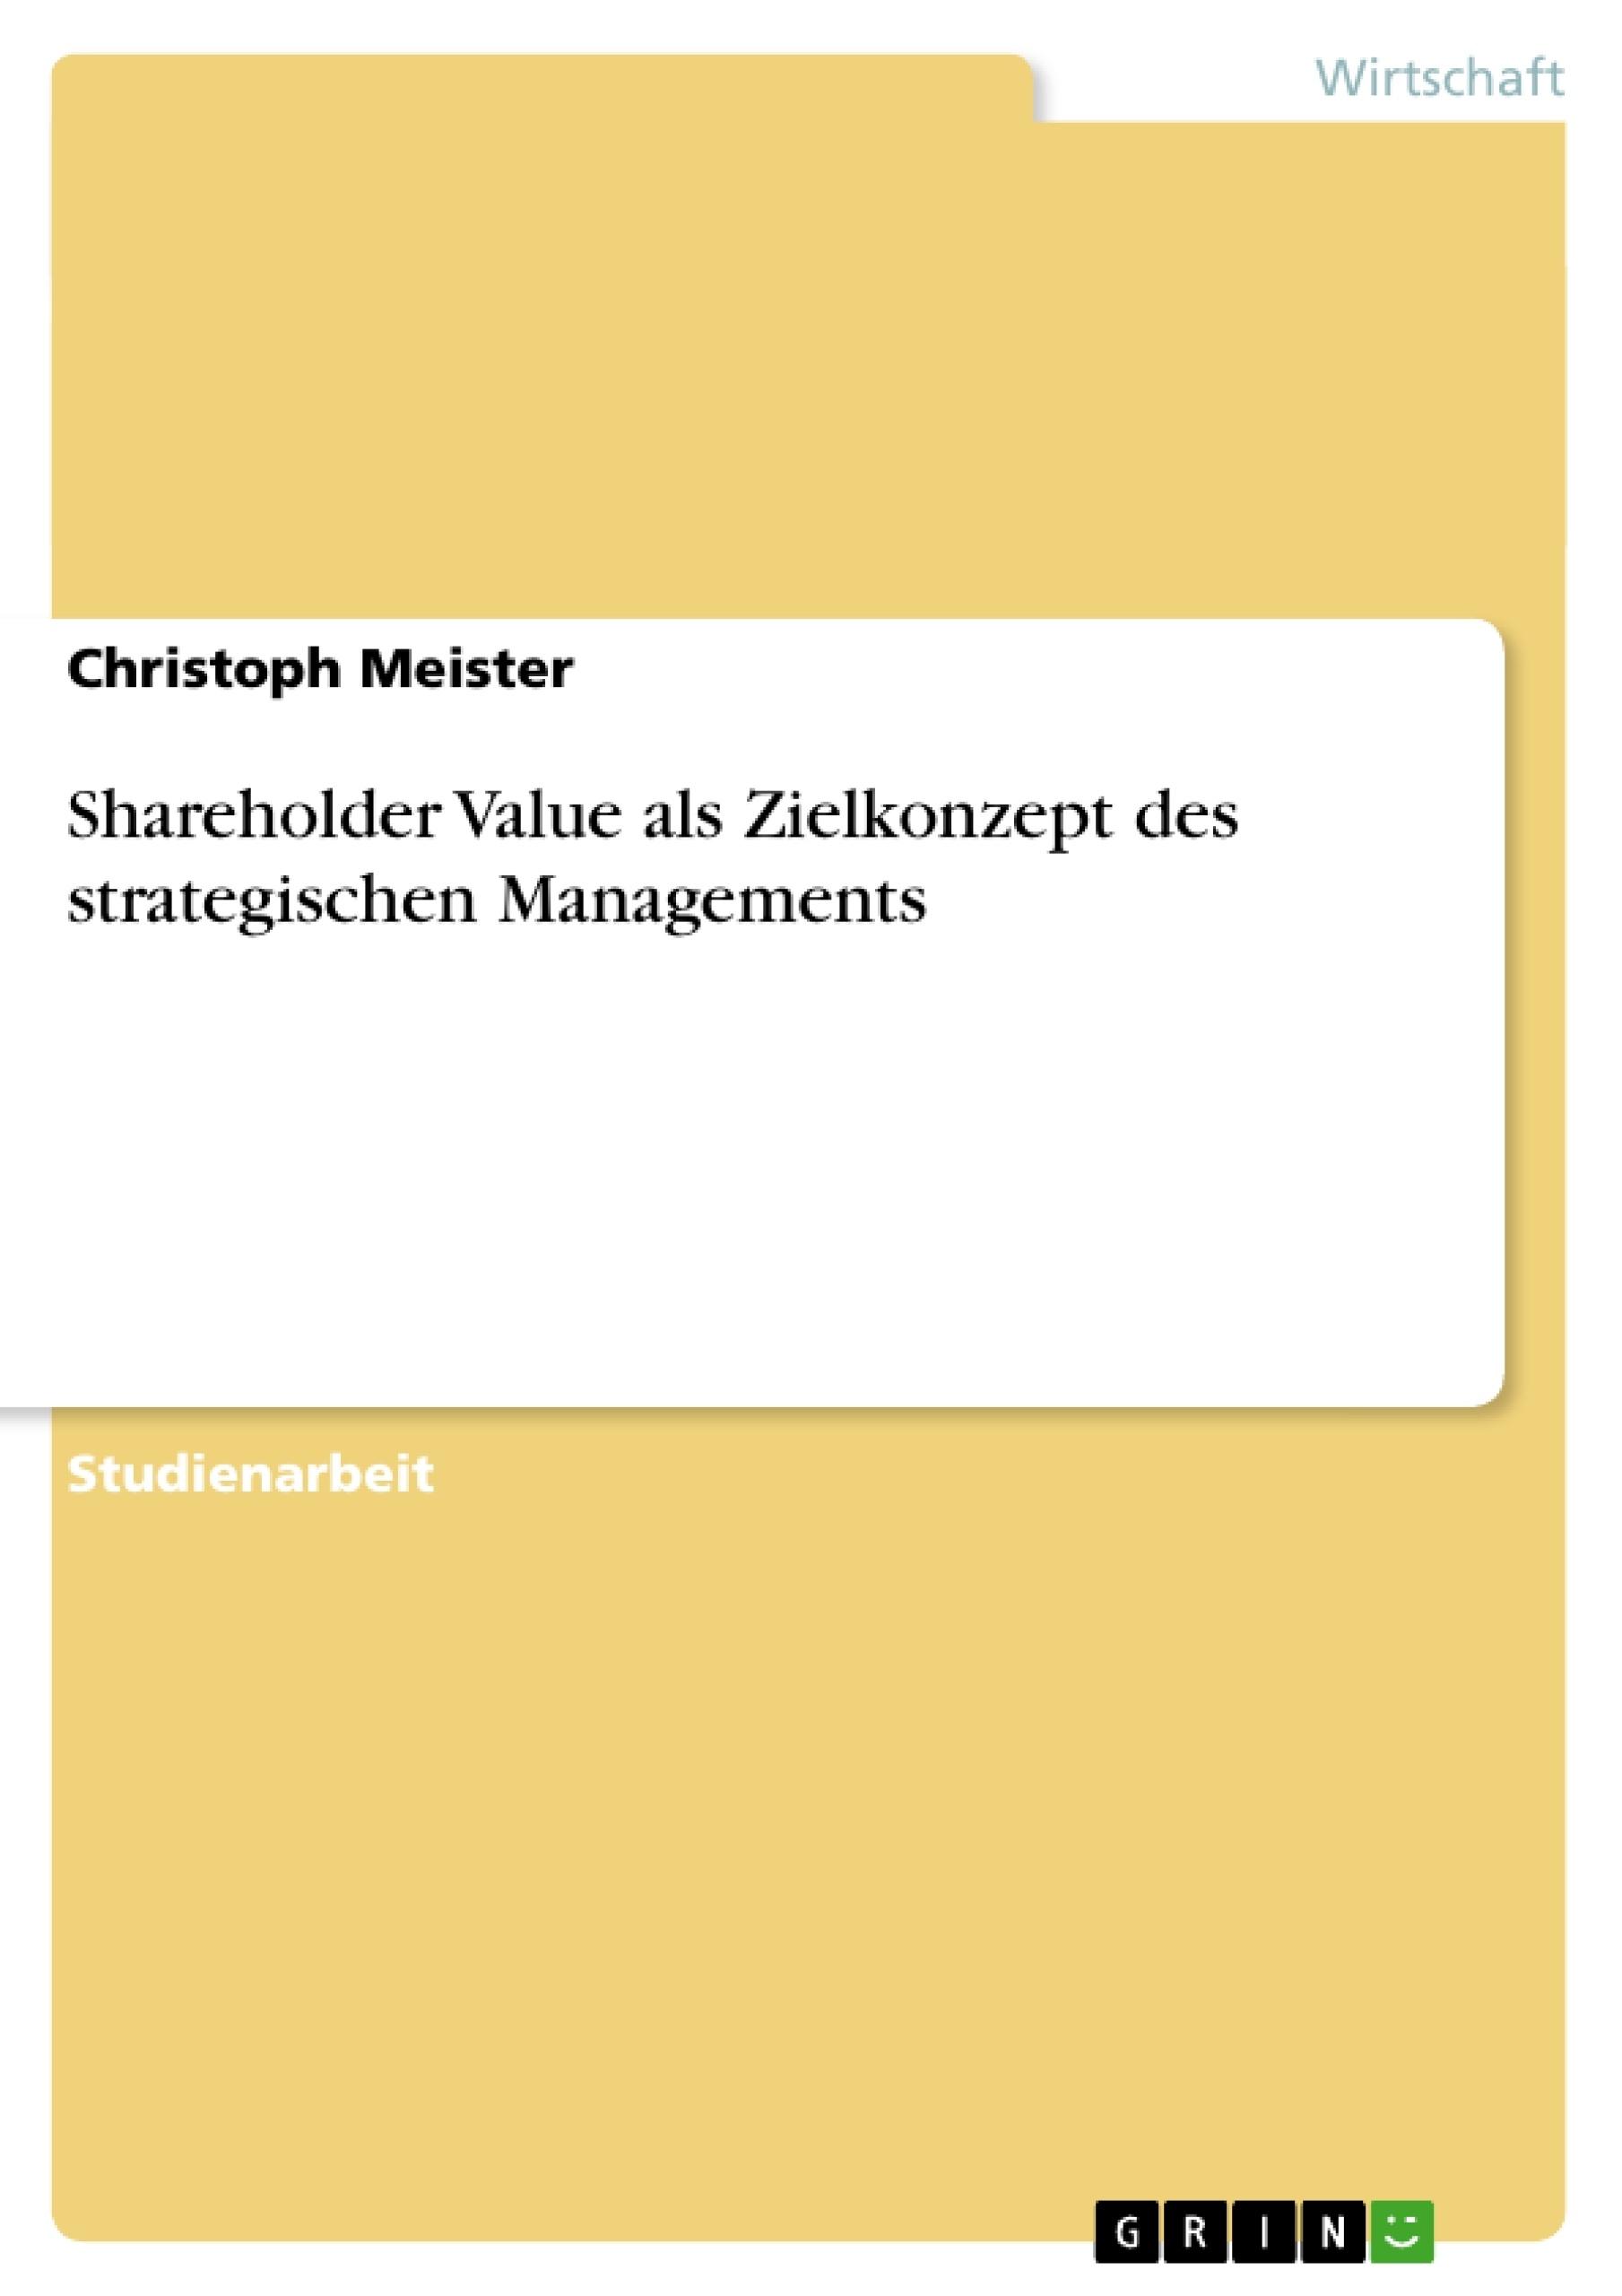 Titel: Shareholder Value als Zielkonzept des strategischen Managements